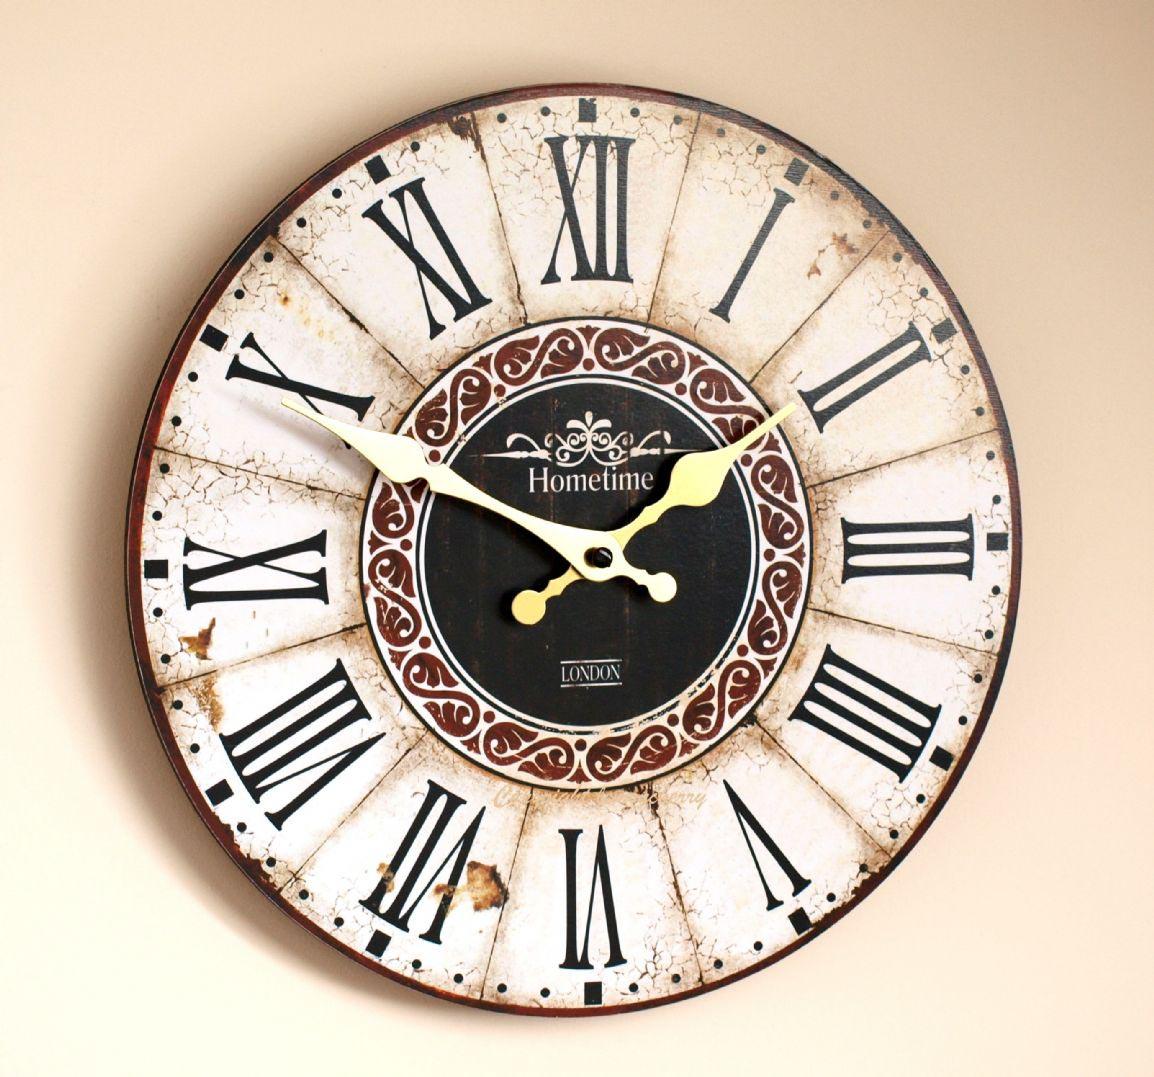 Vintage Style Wall Clocks